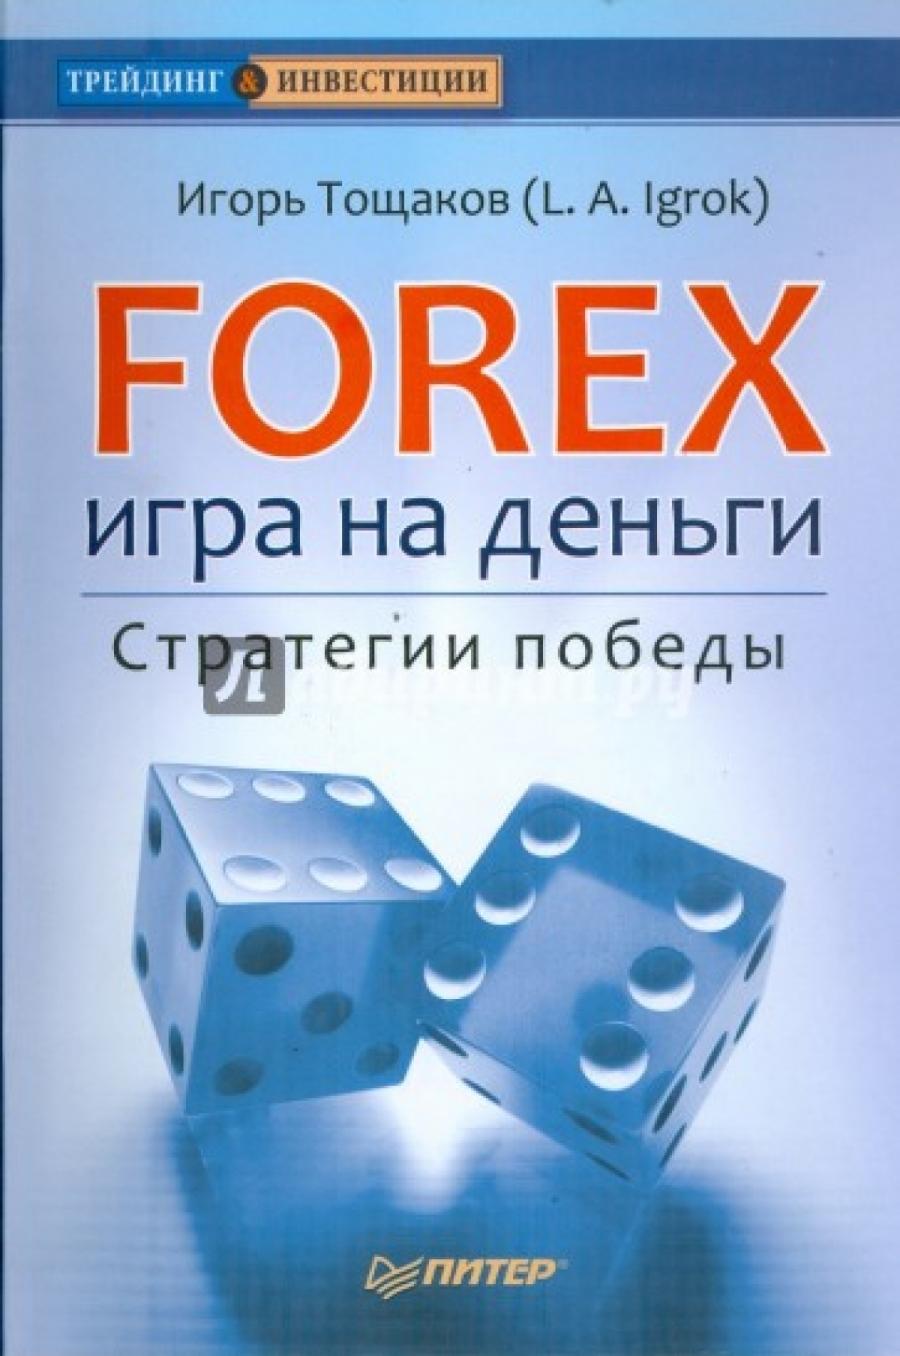 Обложка книги:  трейдинг & инвестиции - тощаков и. - forex. игра на деньги. стратегии победы